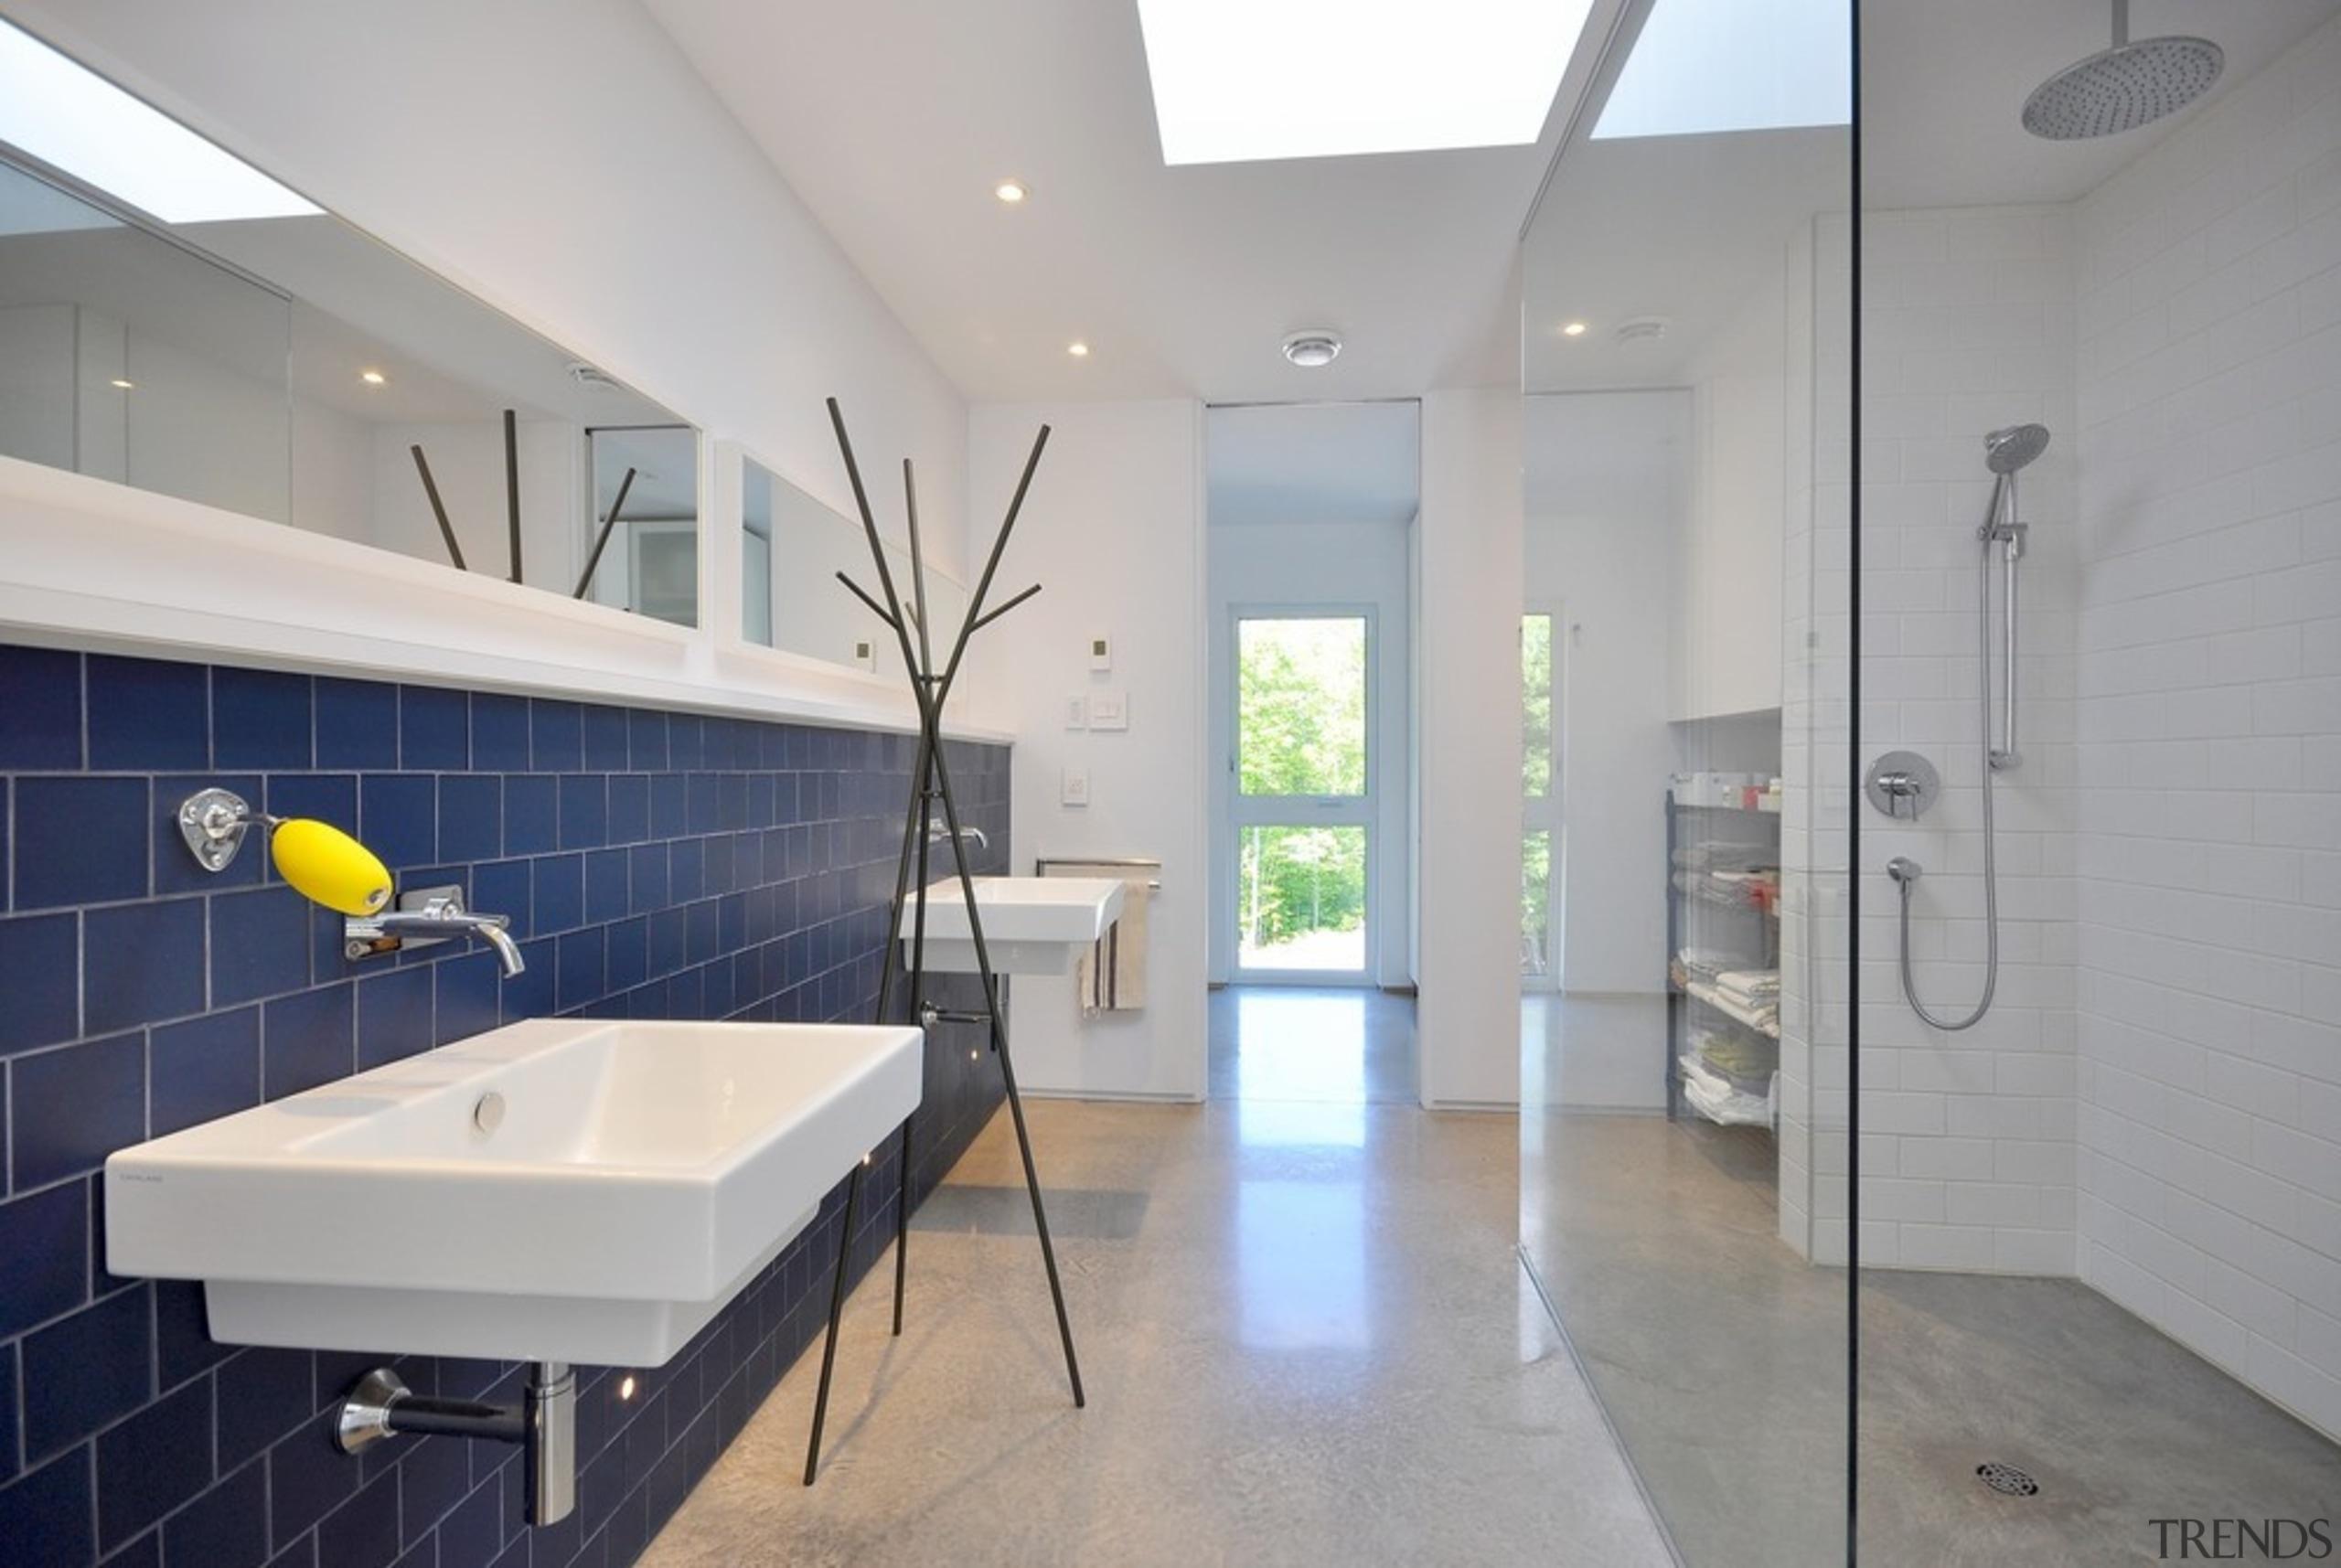 Master bathroom - Platform for design - architecture architecture, bathroom, ceiling, daylighting, estate, floor, flooring, home, house, interior design, real estate, room, tile, gray